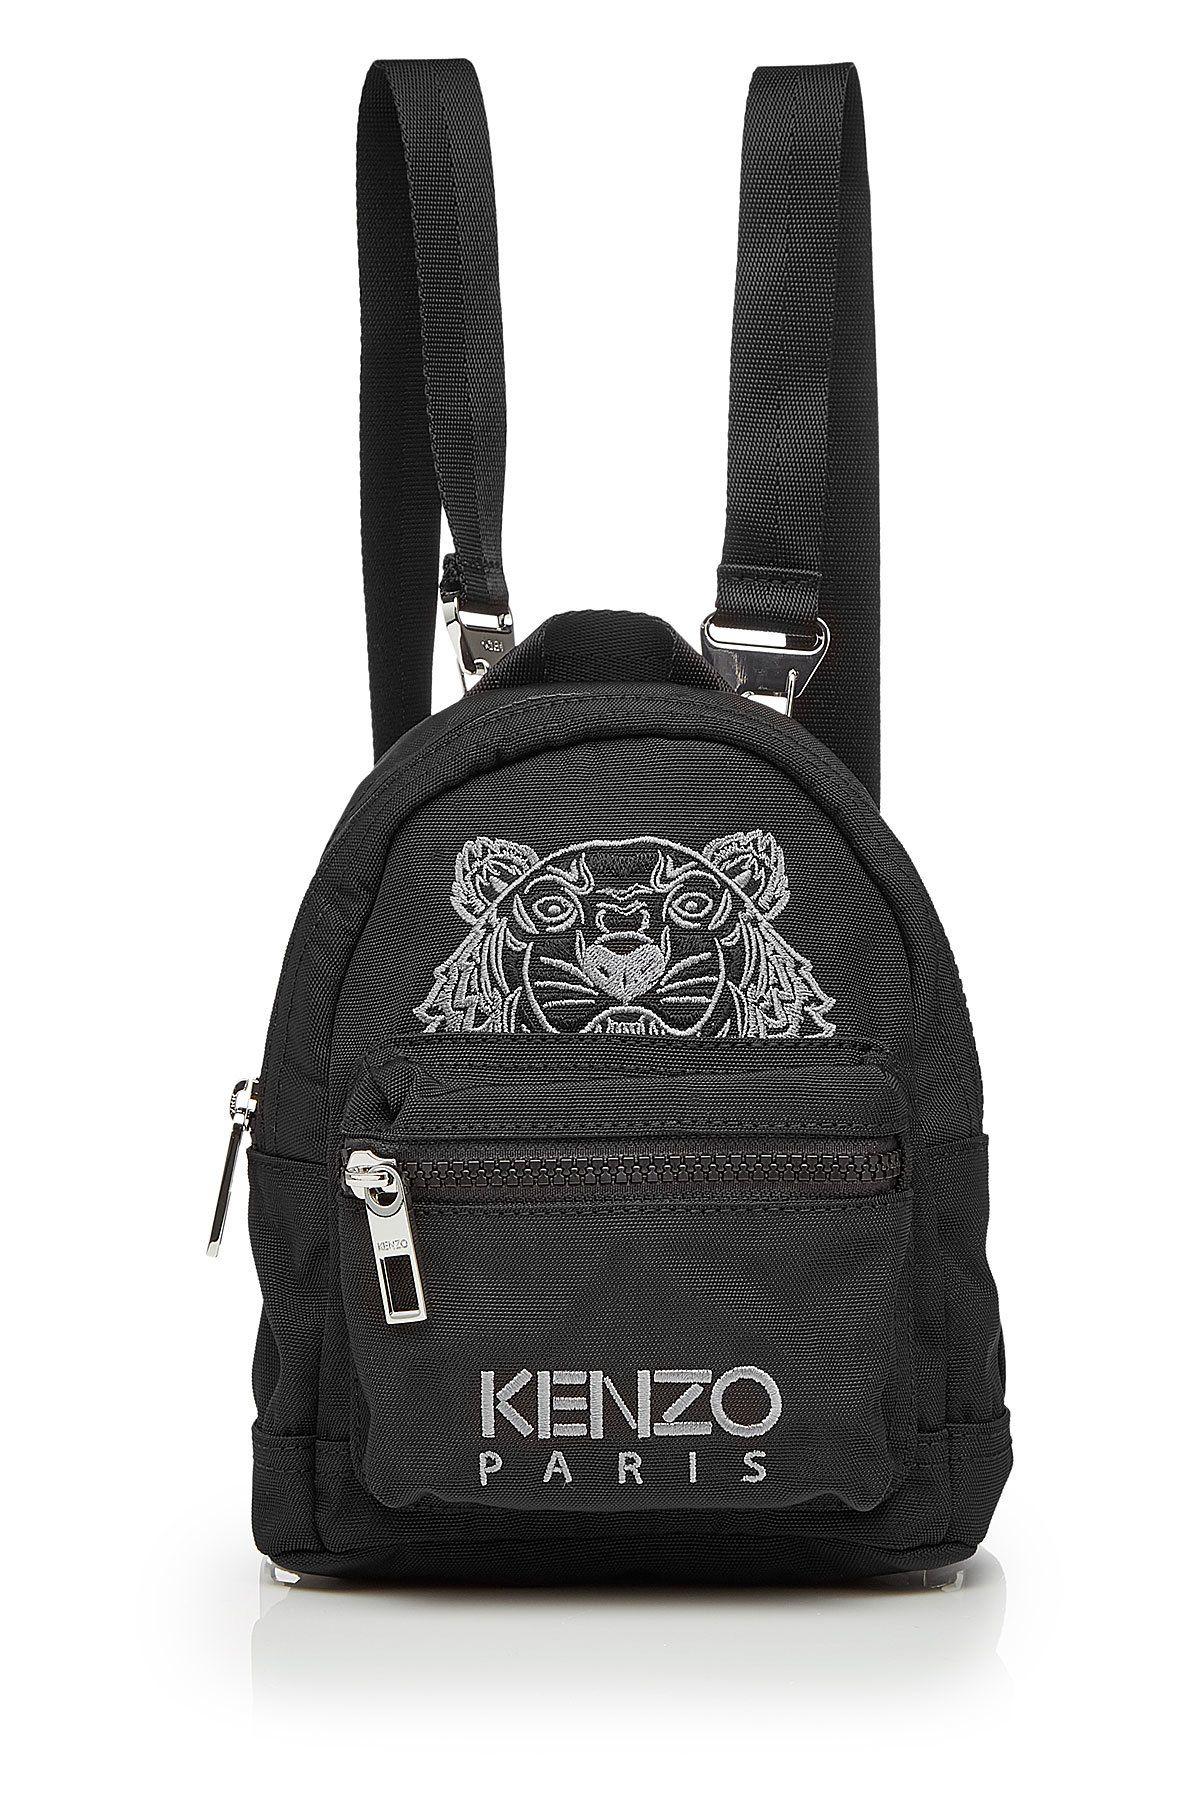 5a4a45f65586 KENZO Kenzo Mini Fabric Backpack.  kenzo  bags  backpacks